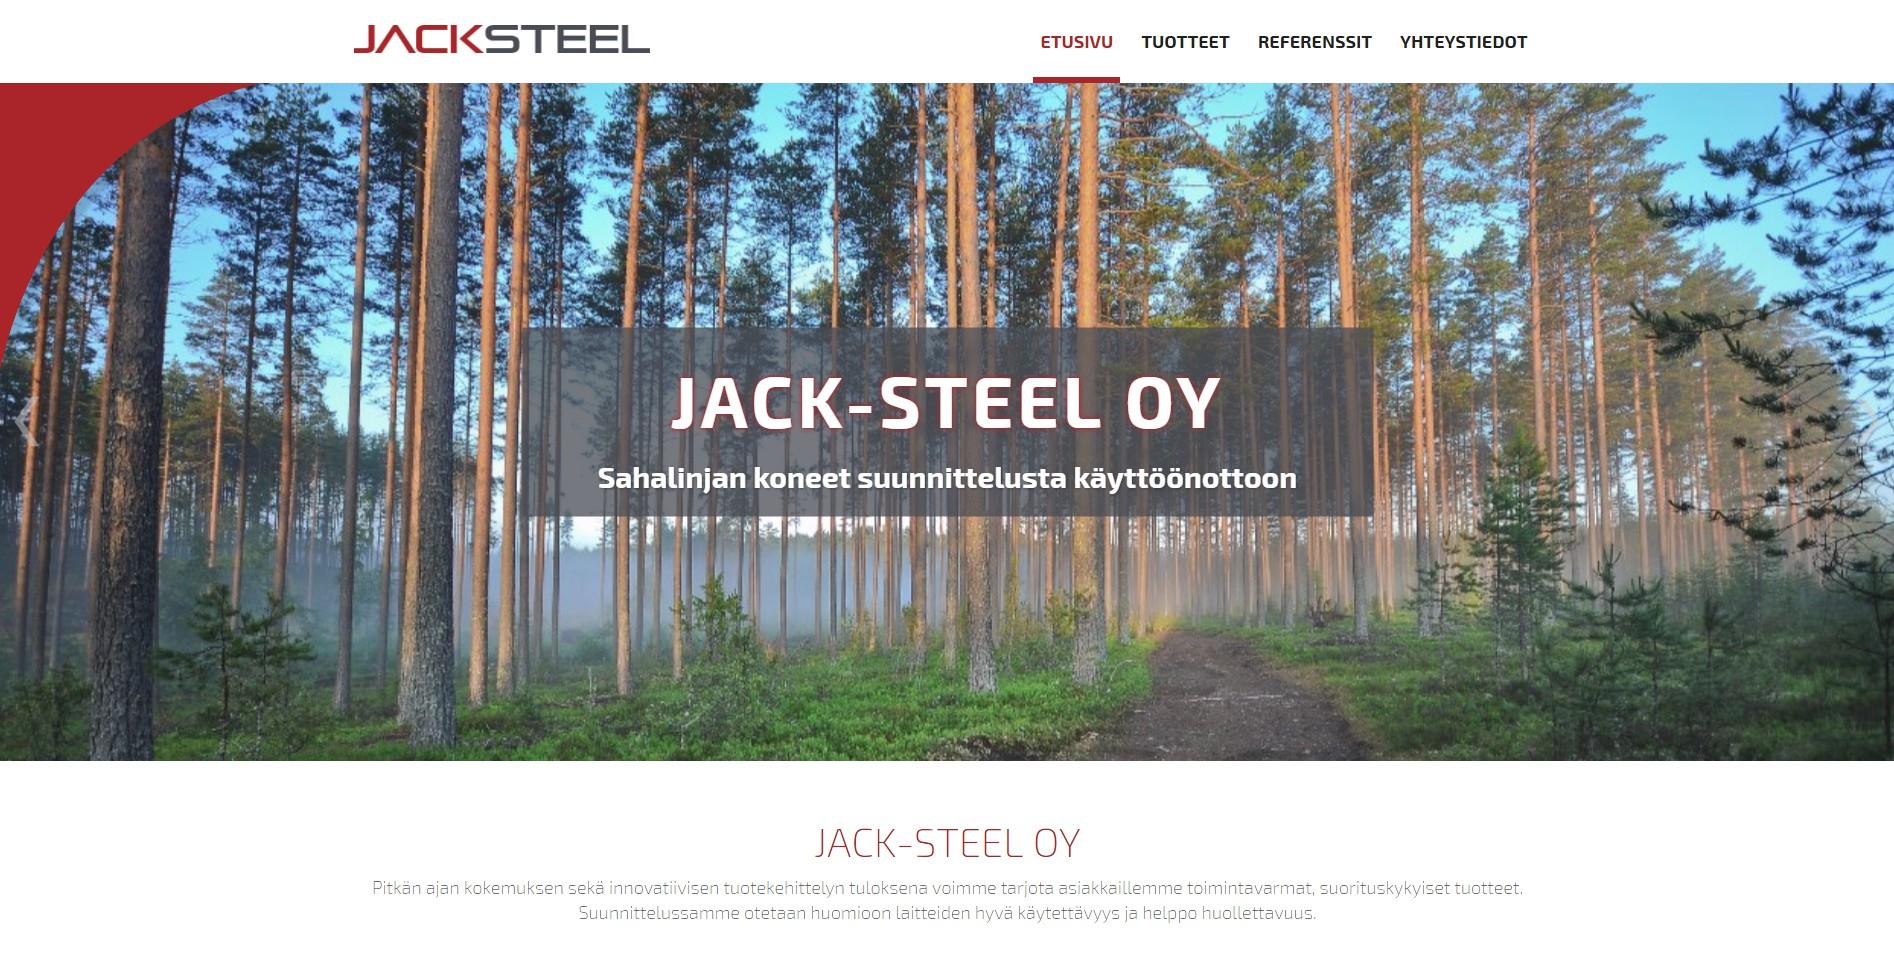 Jack-Steel